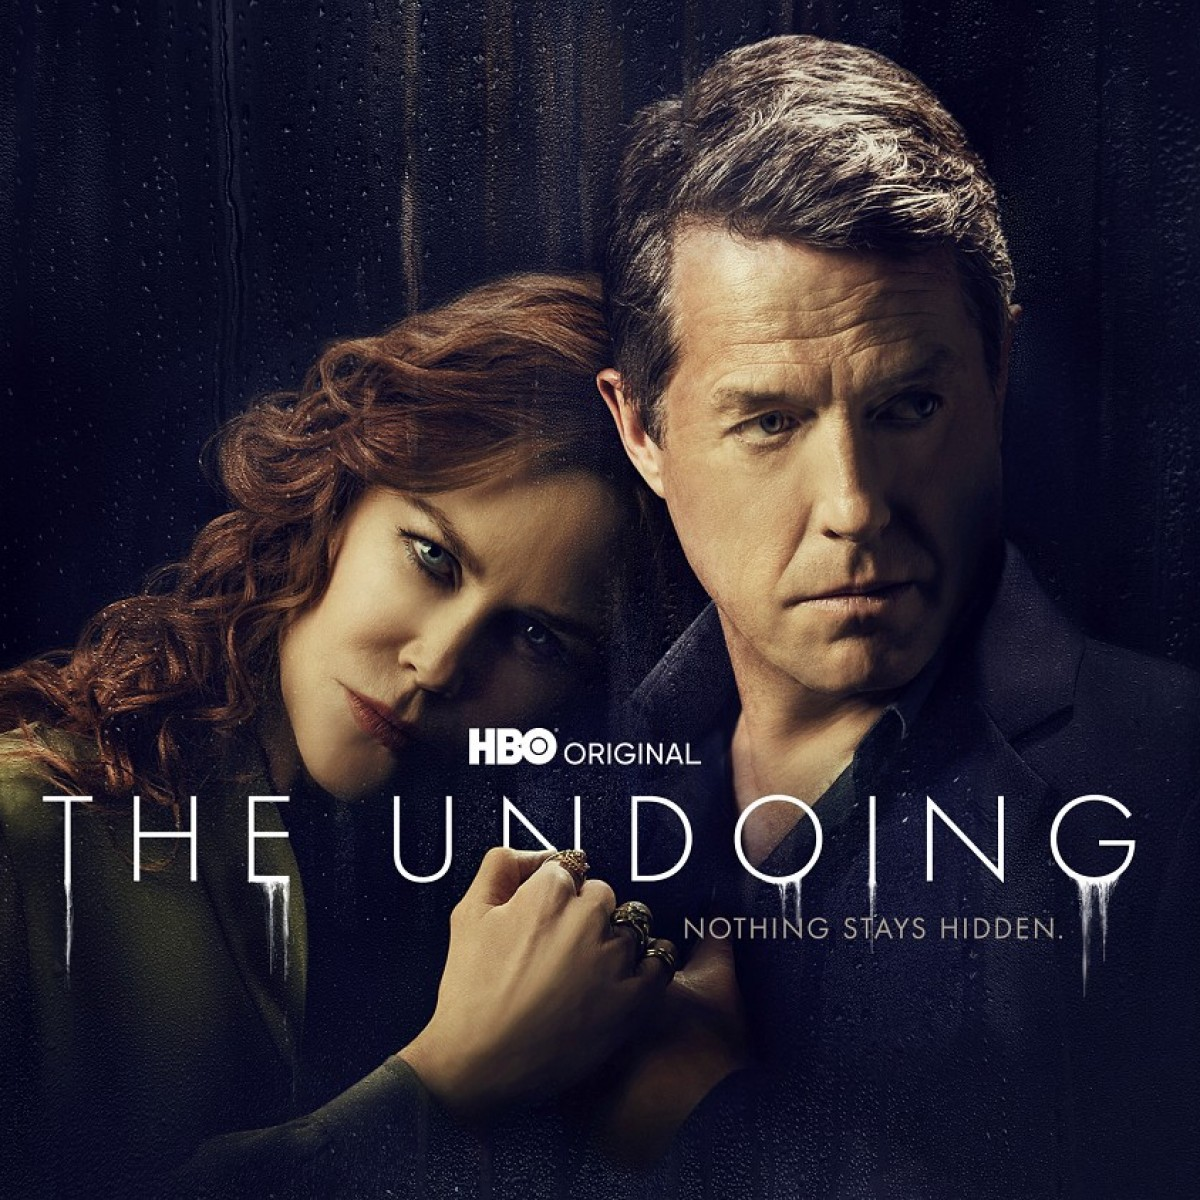 """TV-Kritik/Review: """"The Undoing"""": Mordfall zerstört das Oberschichtsleben  von Nicole Kidman und Hugh Grant – HBO-Thrillerdrama von David E. Kelley  ist sehenswert, aber konventionell auf TV Wunschliste"""